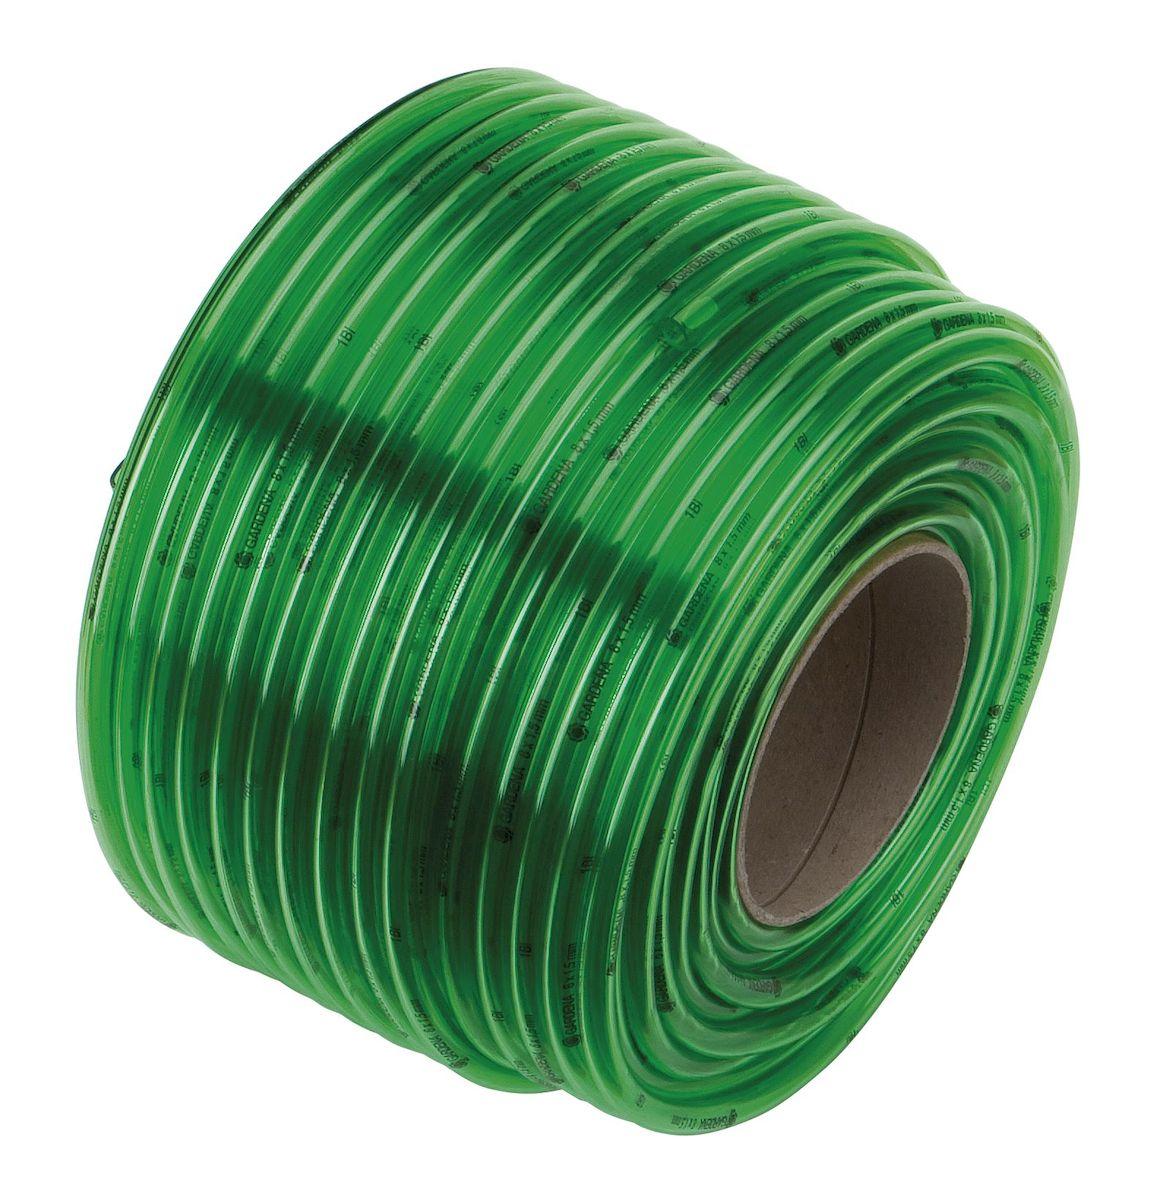 Шланг Gardena, прозрачный, диаметр 8 мм, длина 80 м04986-20.000.00Шланг Gardena изготовлен из прозрачного ПВХ. Шланг предназначен для транспортировки жидкостей без напора в диапазоне температур от -10°С до +50°С. Без текстильного армирования, без содержания регенератов, кадмия, свинца и бария